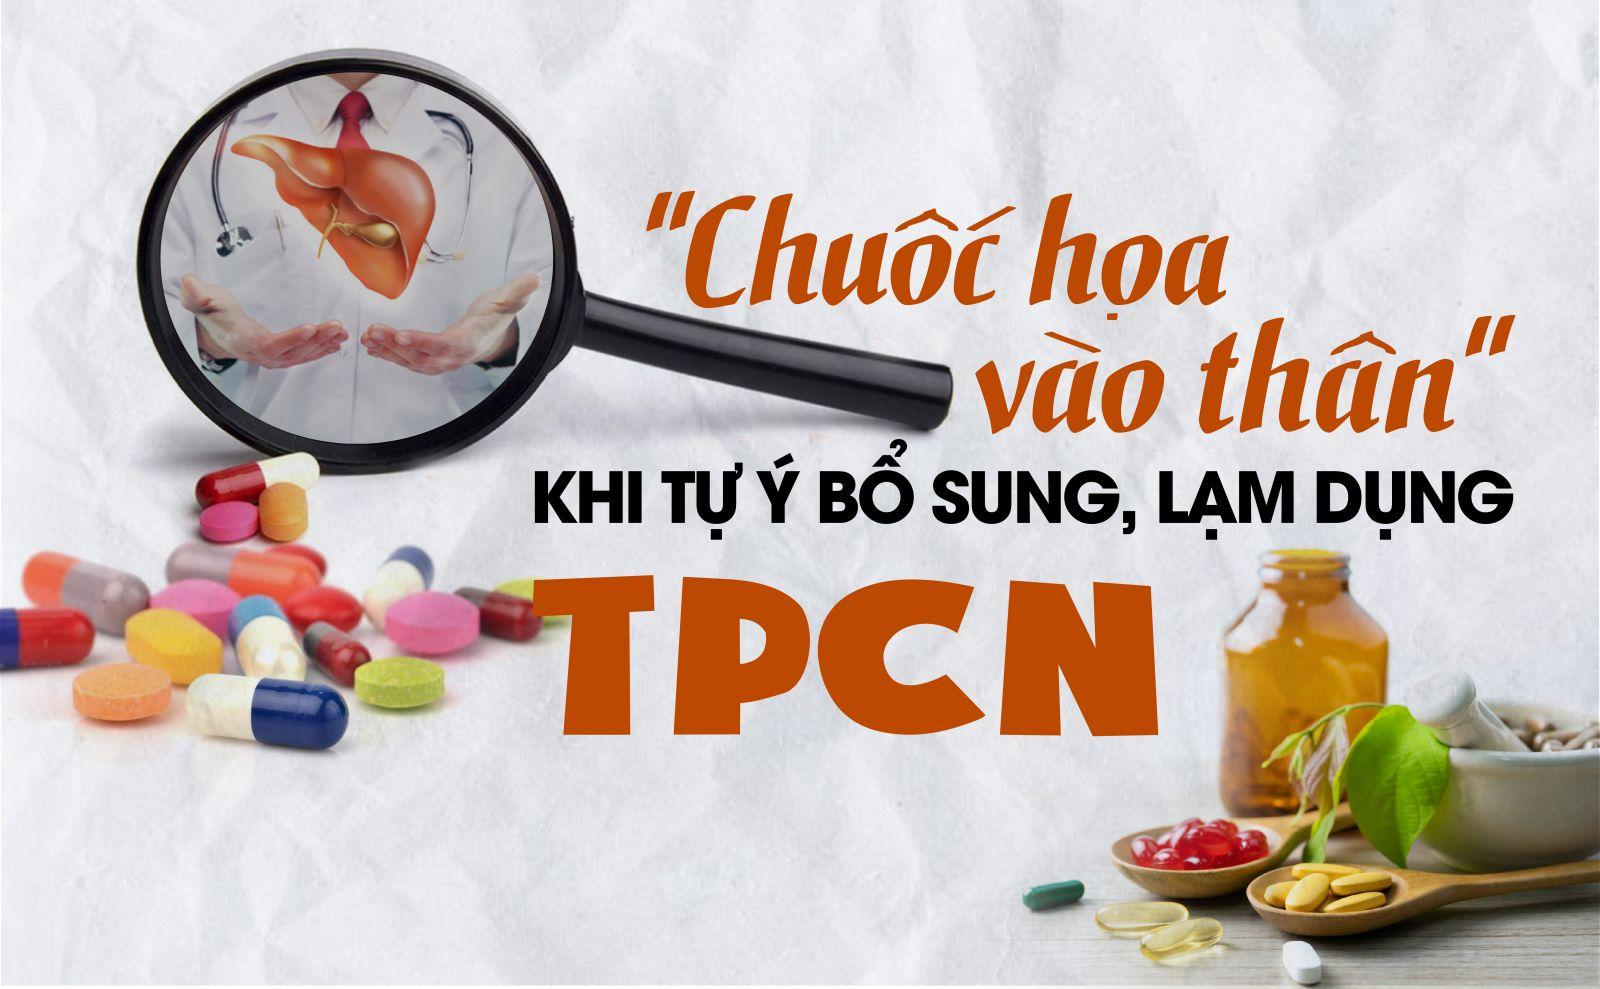 """Kỳ 6: Mắc bệnh gan: """"Chuốc họa vào thân"""" khi tự ý bổ sung, lạm dụng TPCN"""